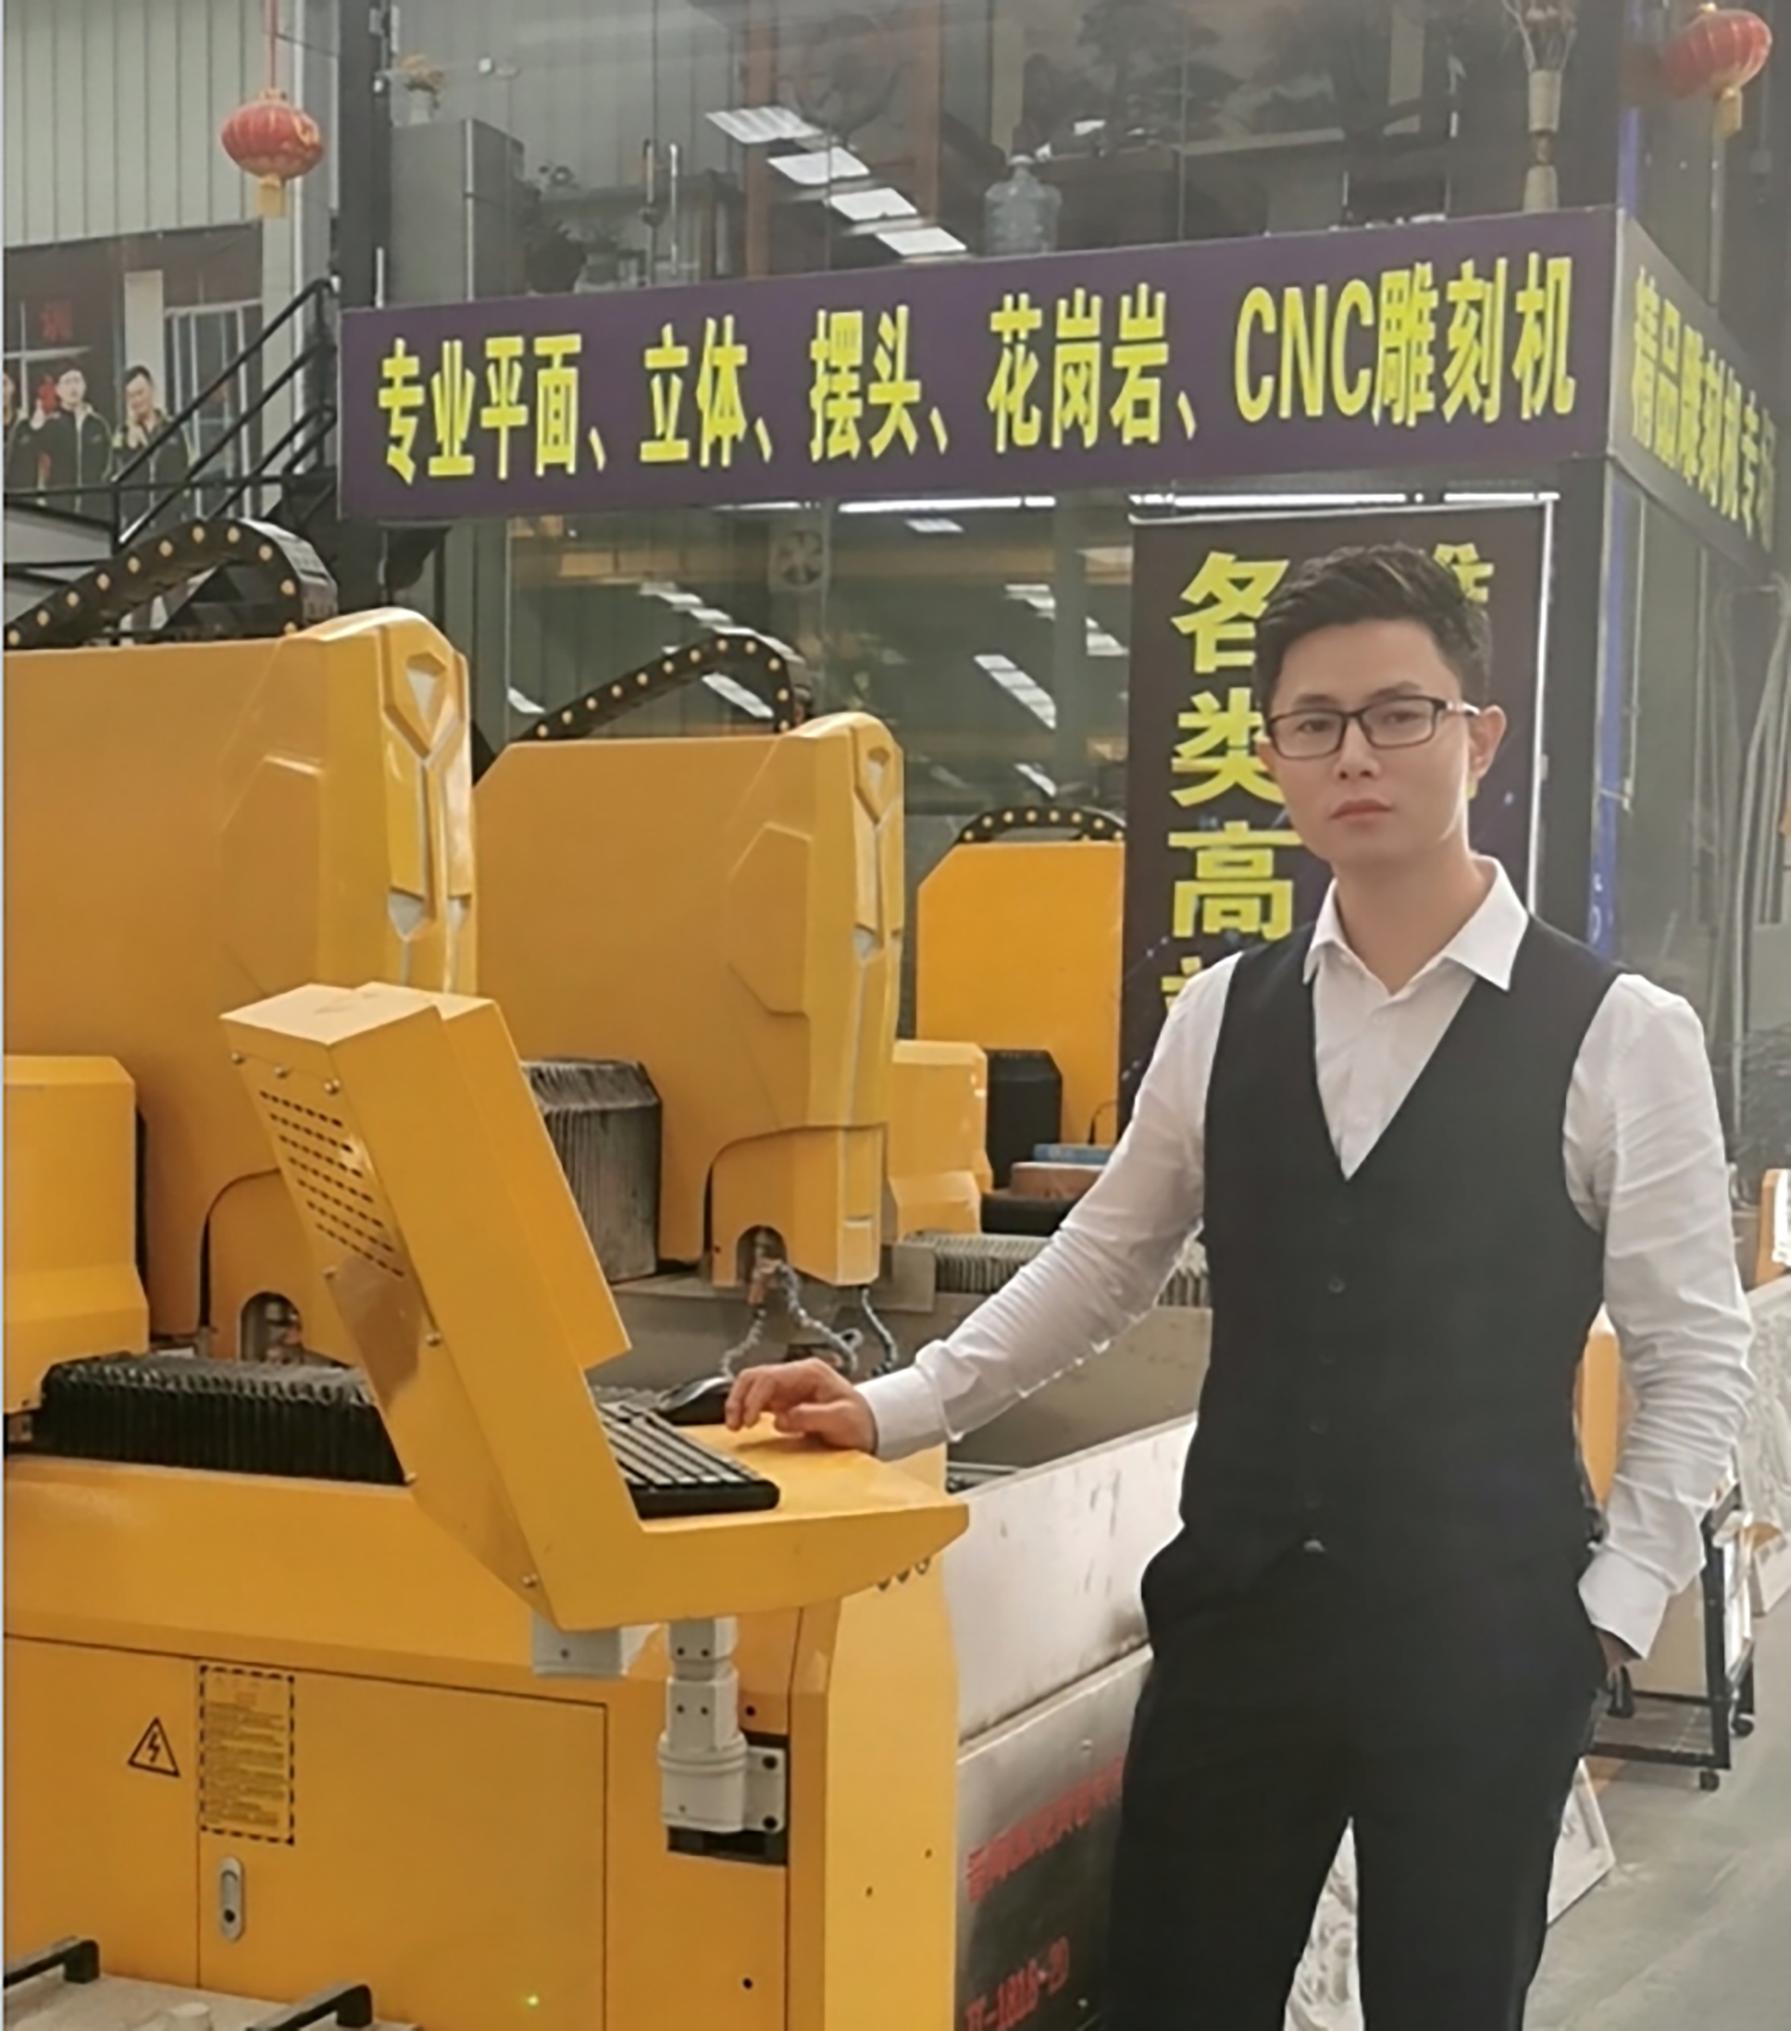 福建省南安市晋陶机械有限公司创始人陶正勇图1